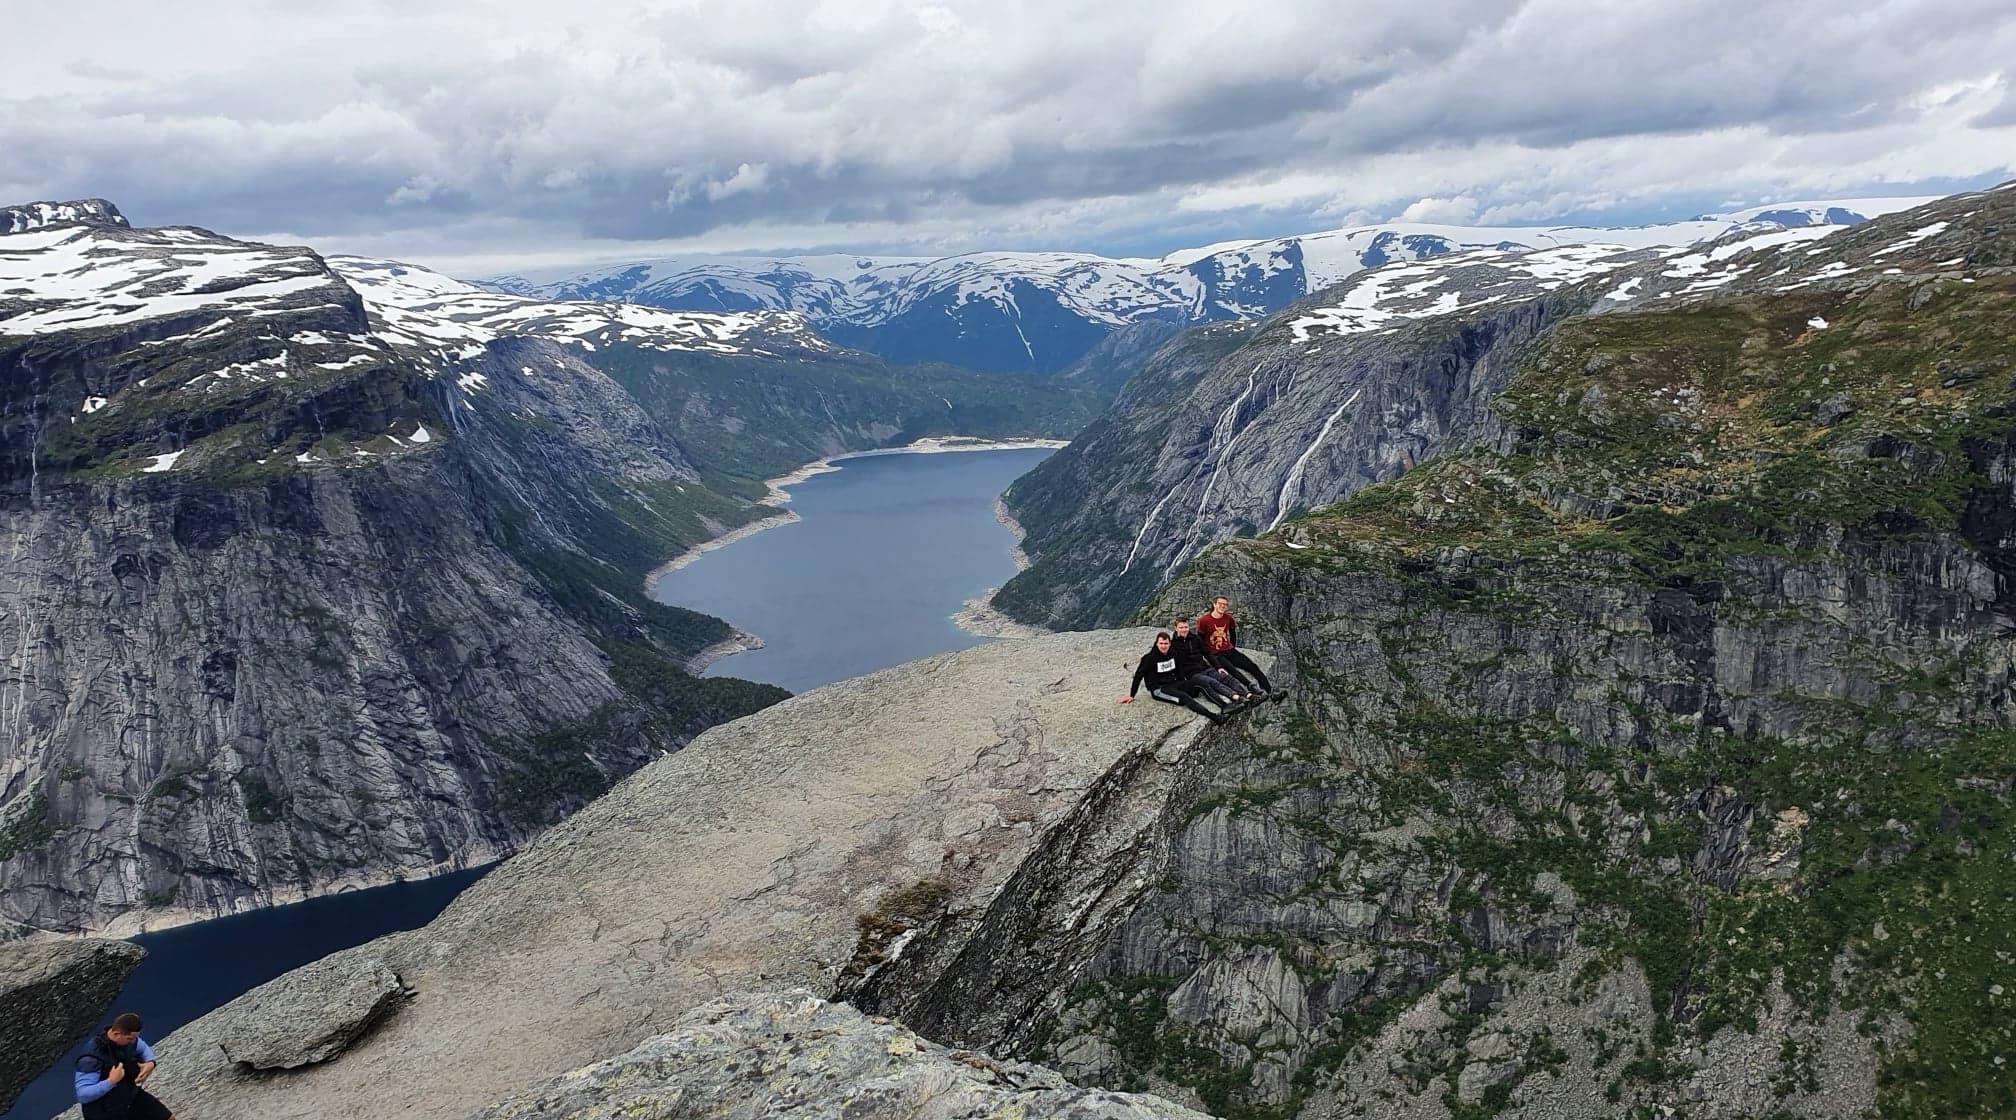 Abschlusswochenende mit atemberaubendem Blick auf Norwegen